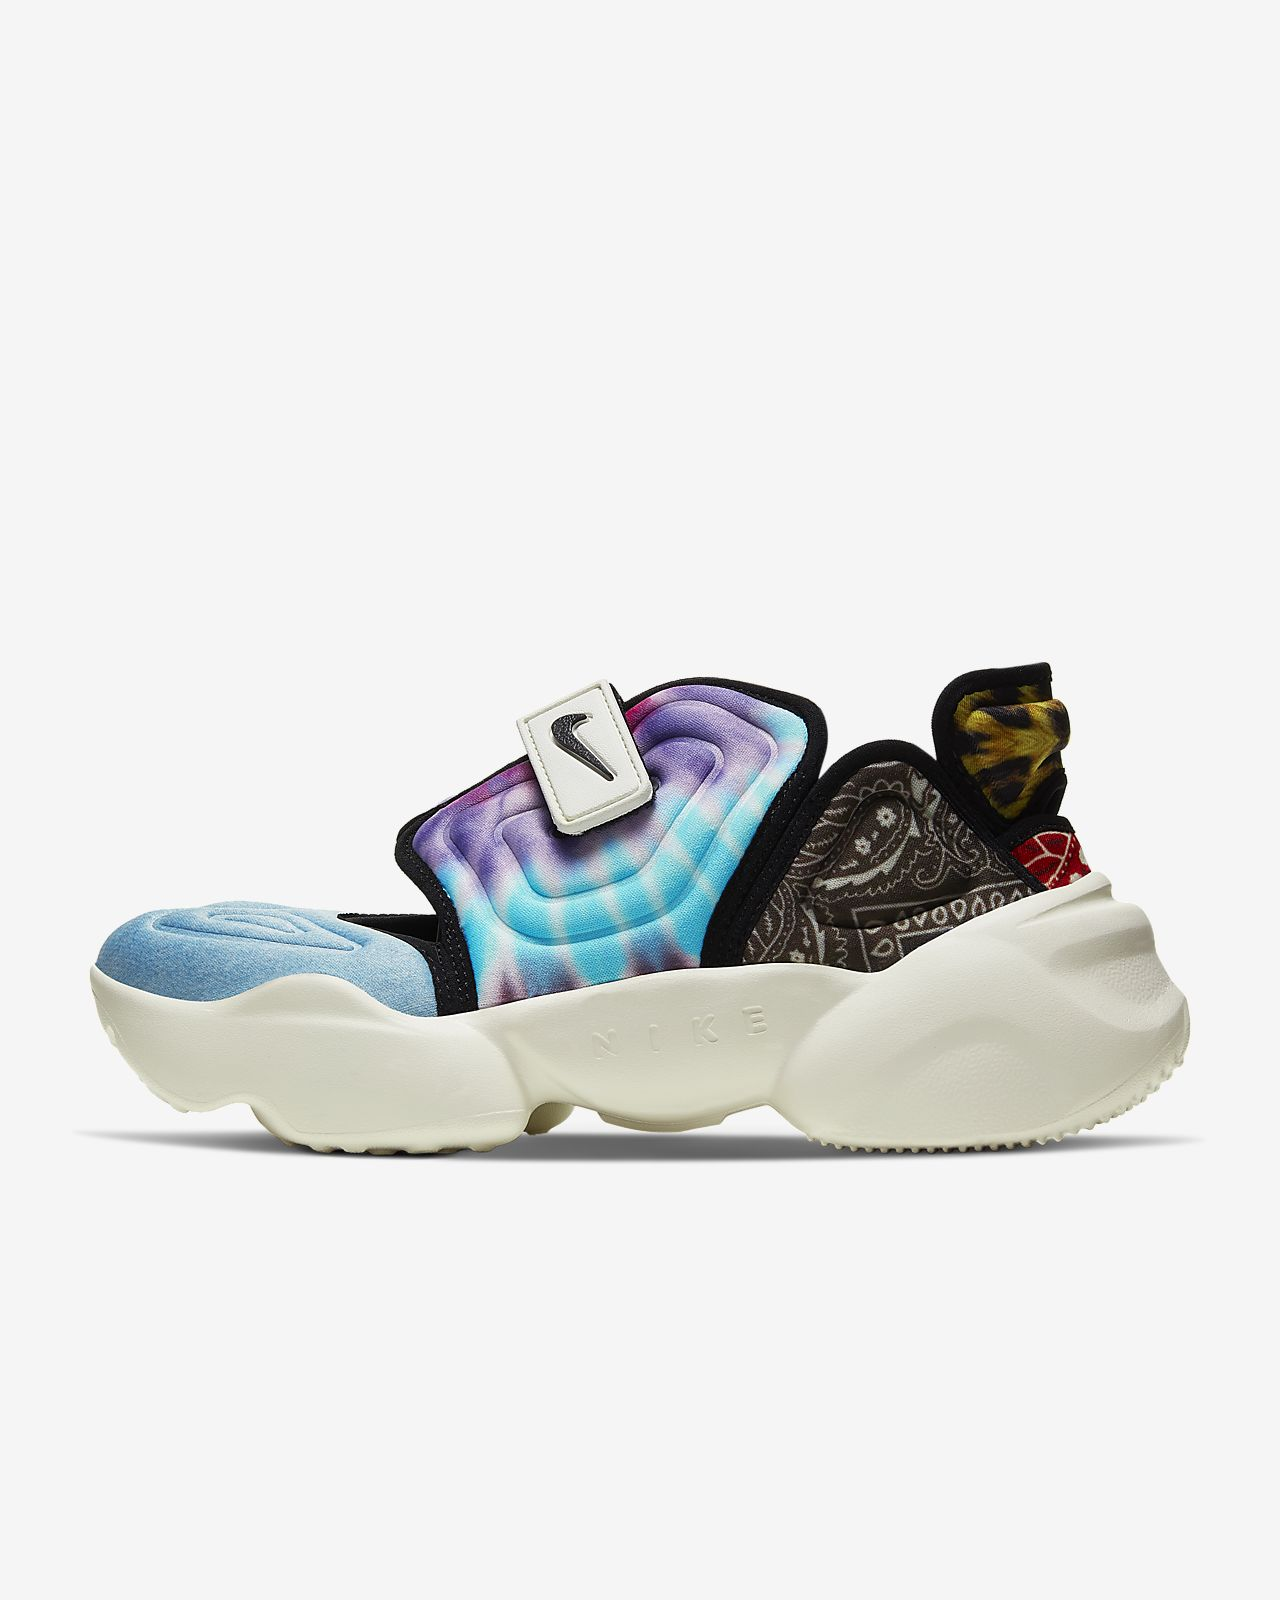 Nike Aqua Rift Damenschuh